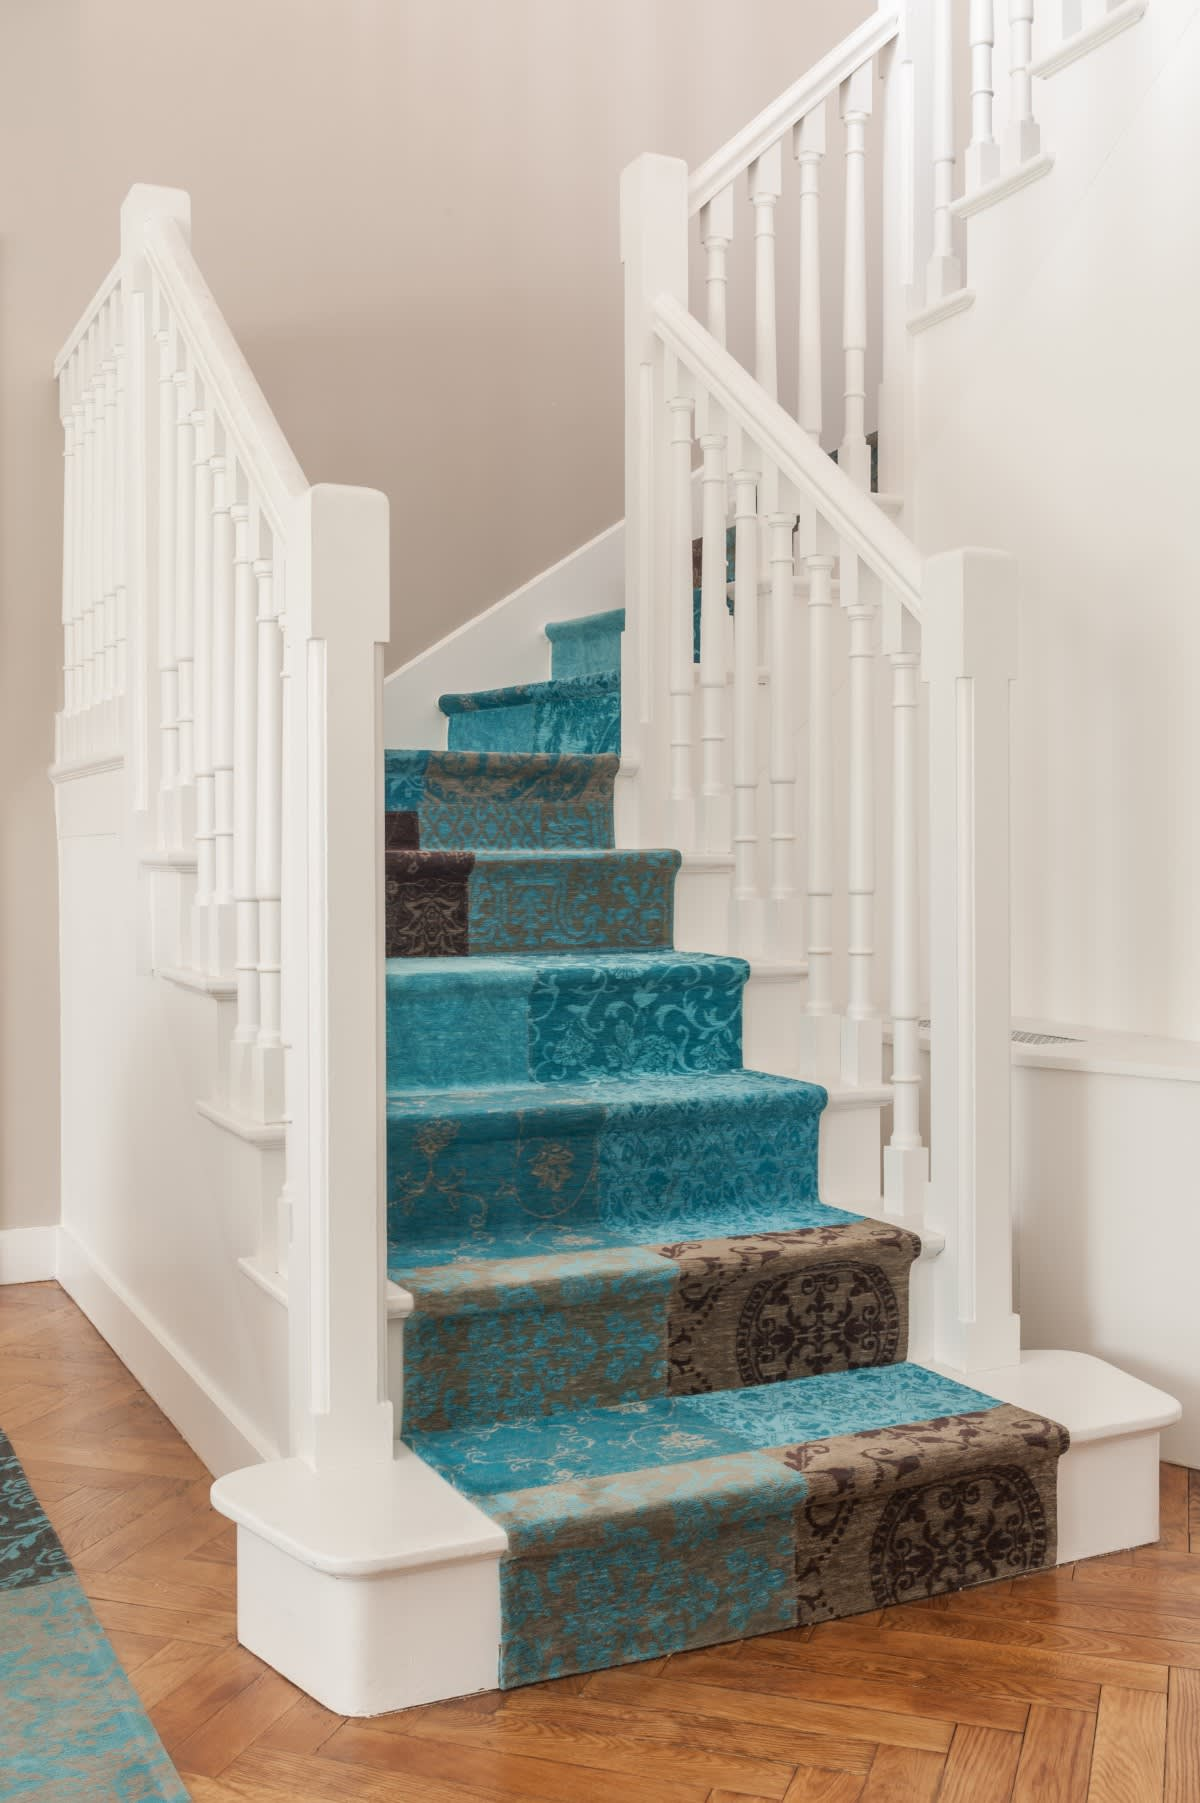 Image_text_1_un-tapis-sur-mesure-pour-coordonner-salon-et-descente-descalier